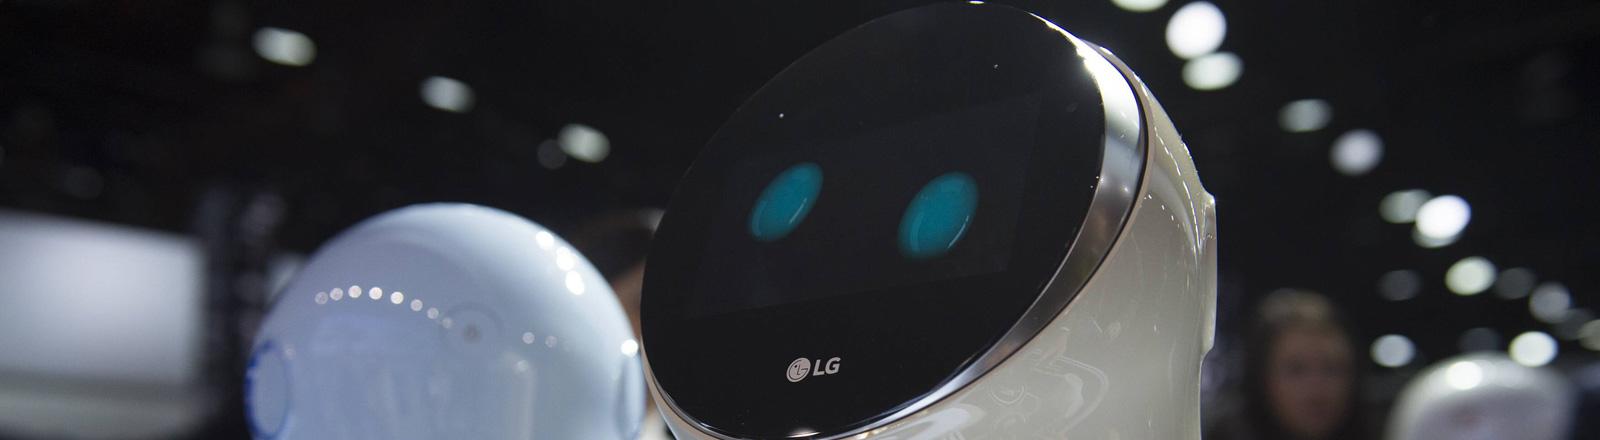 LG Hub Bot bei der CES in Las Vegas greift auf die Sprachsteuerung Alexa von Amazon zu.